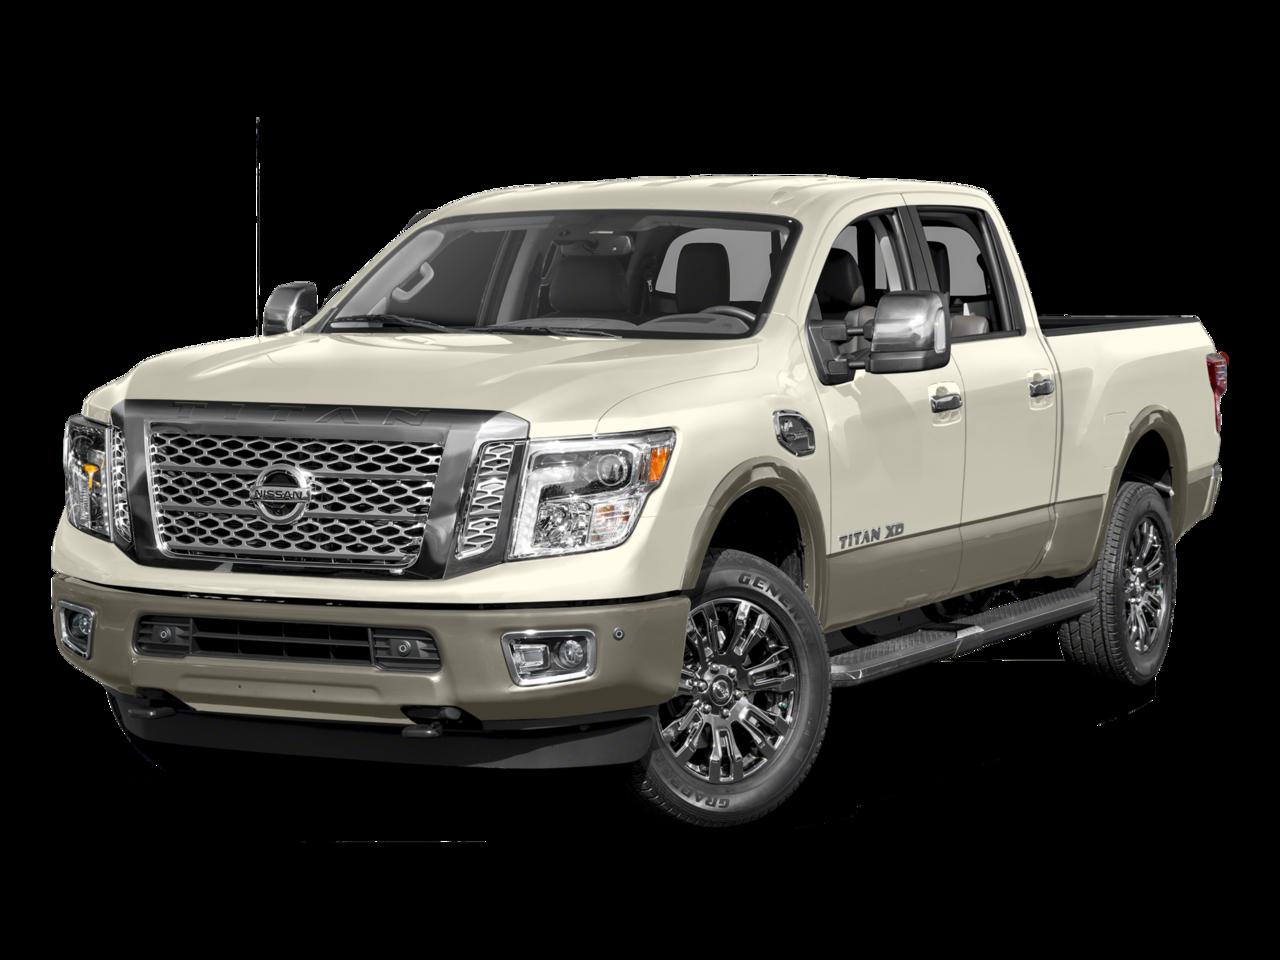 2017 Nissan Titan XD Pickup truck 2018 Nissan Titan XD.